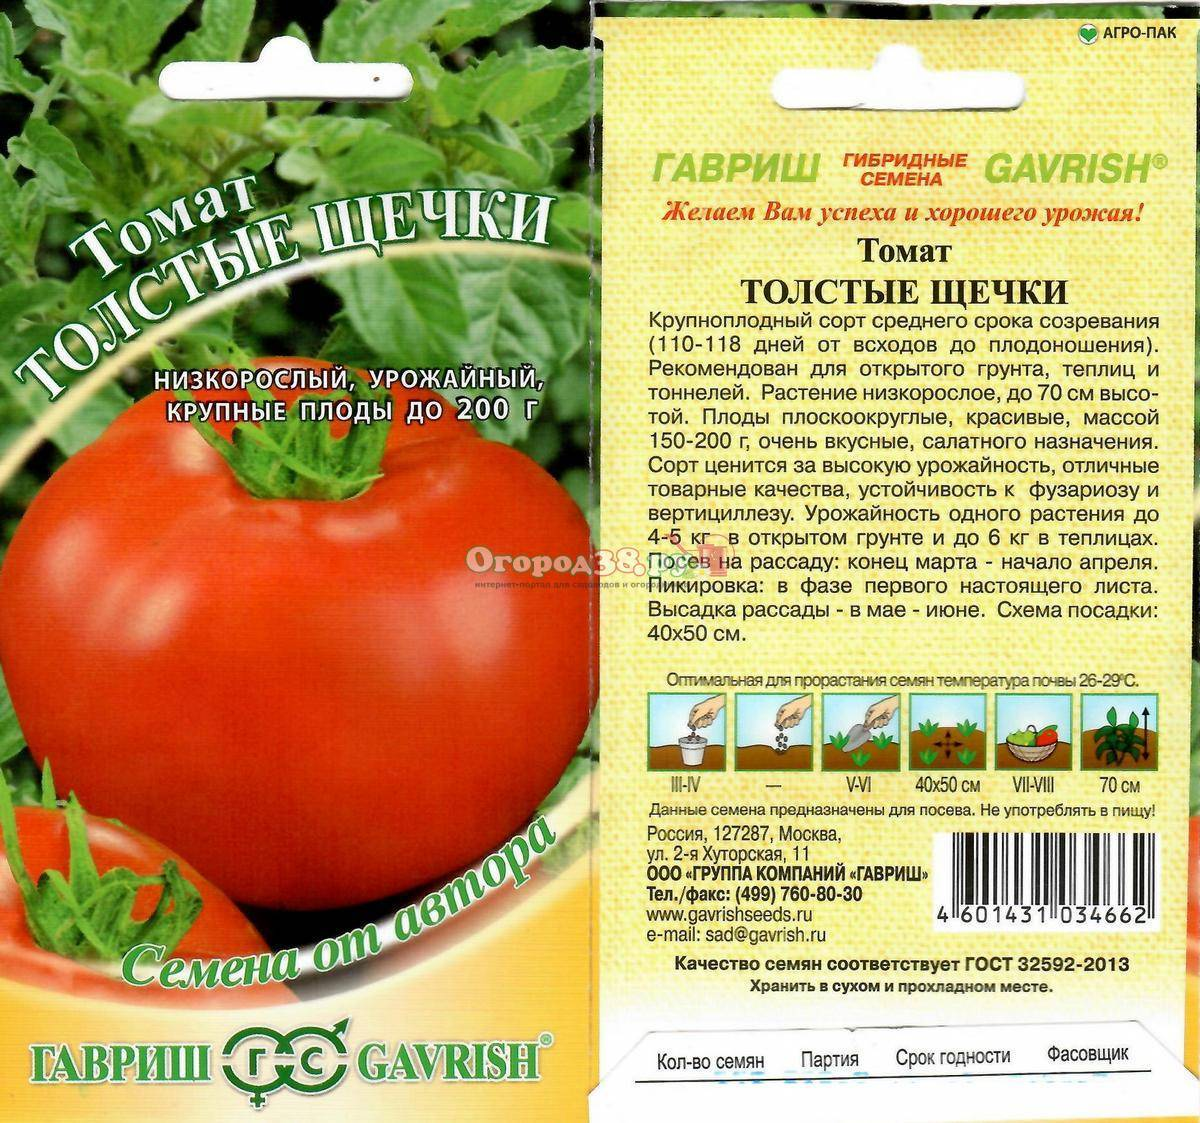 Томат красные щечки f1: характеристика и описание гибридного сорта с фото